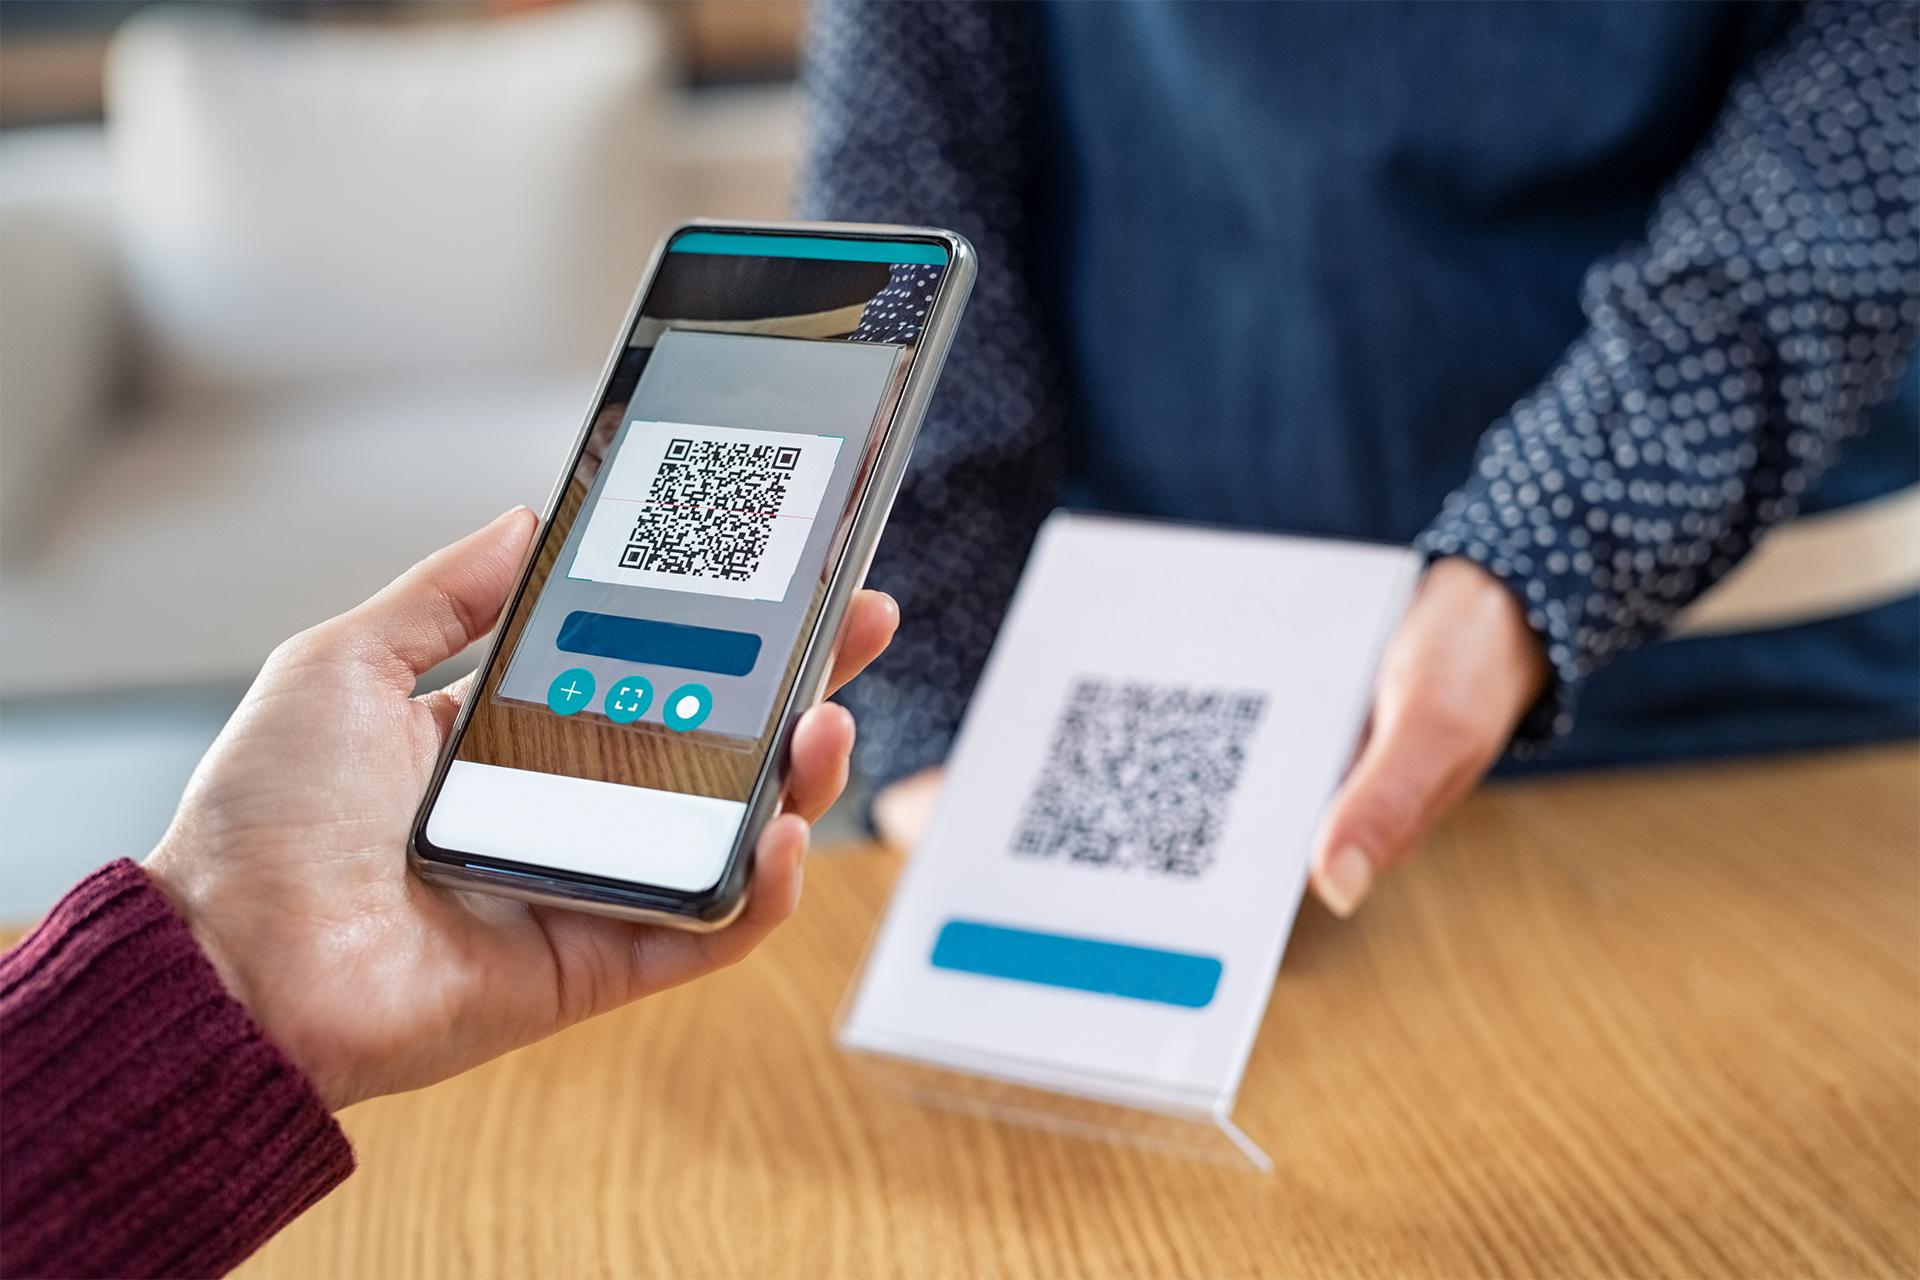 全國通用「簡訊實聯制」怎麼用?到台鐵、高鐵、麥當勞掃描 QR code 後免填資料,方便又快速!